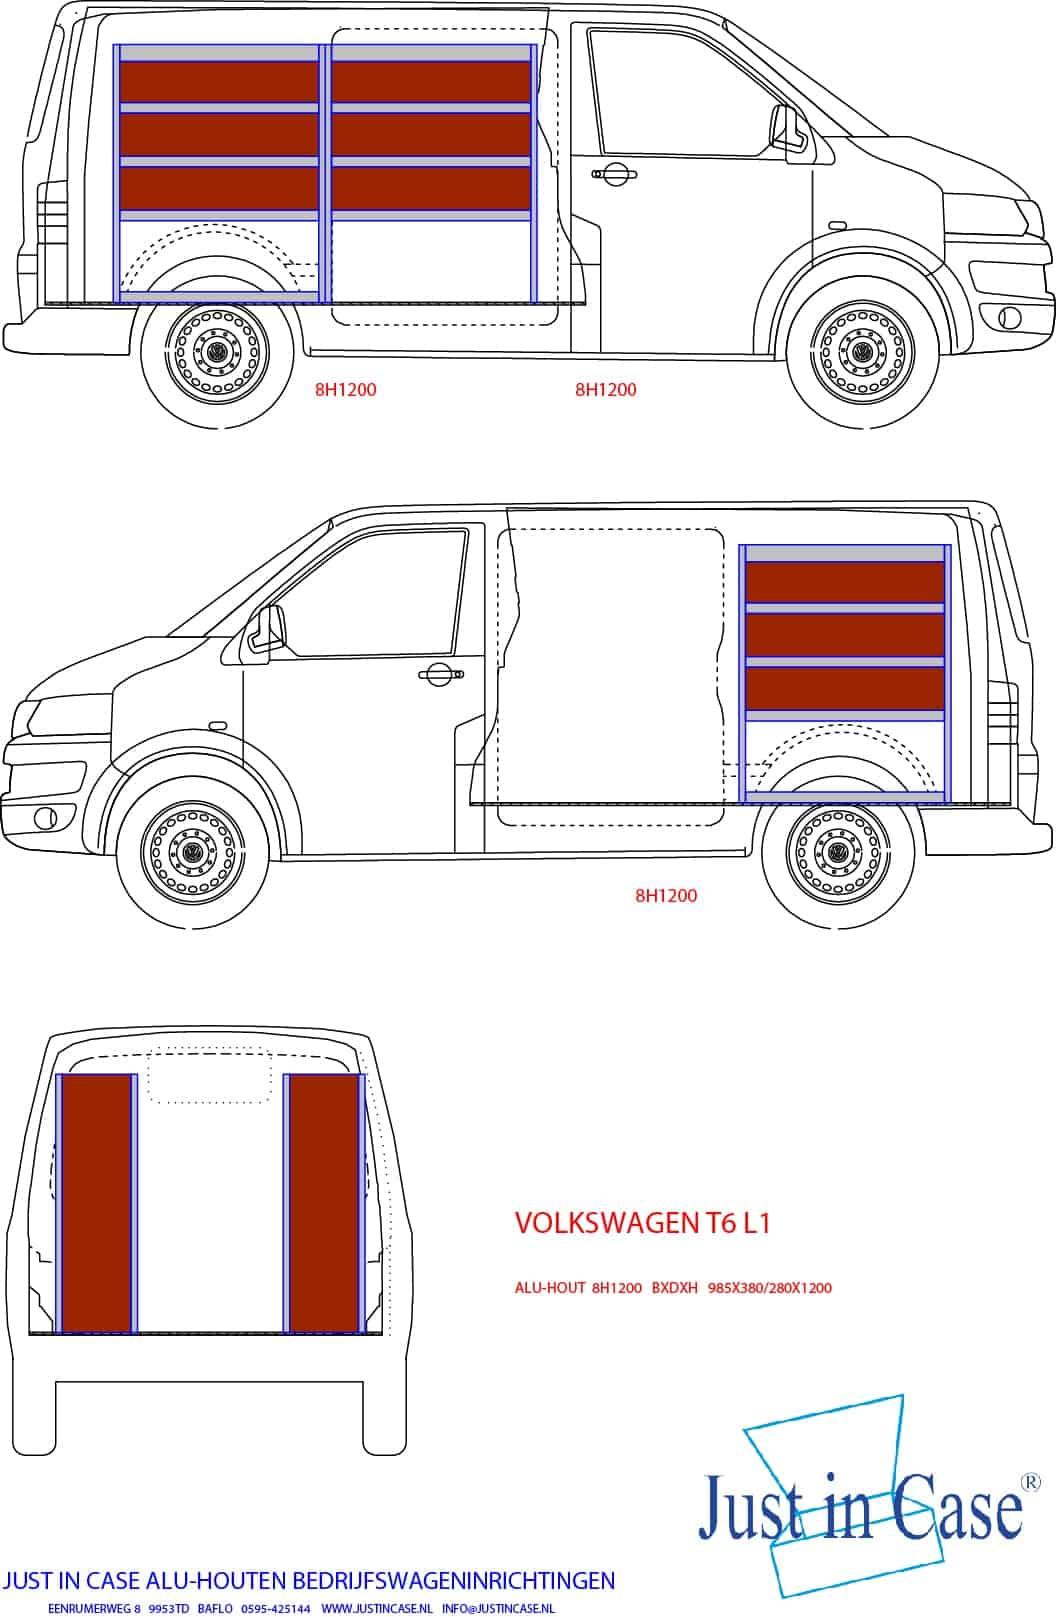 Volkswagen Transporter (Lengte 1) bedrijfswageninrichting schets